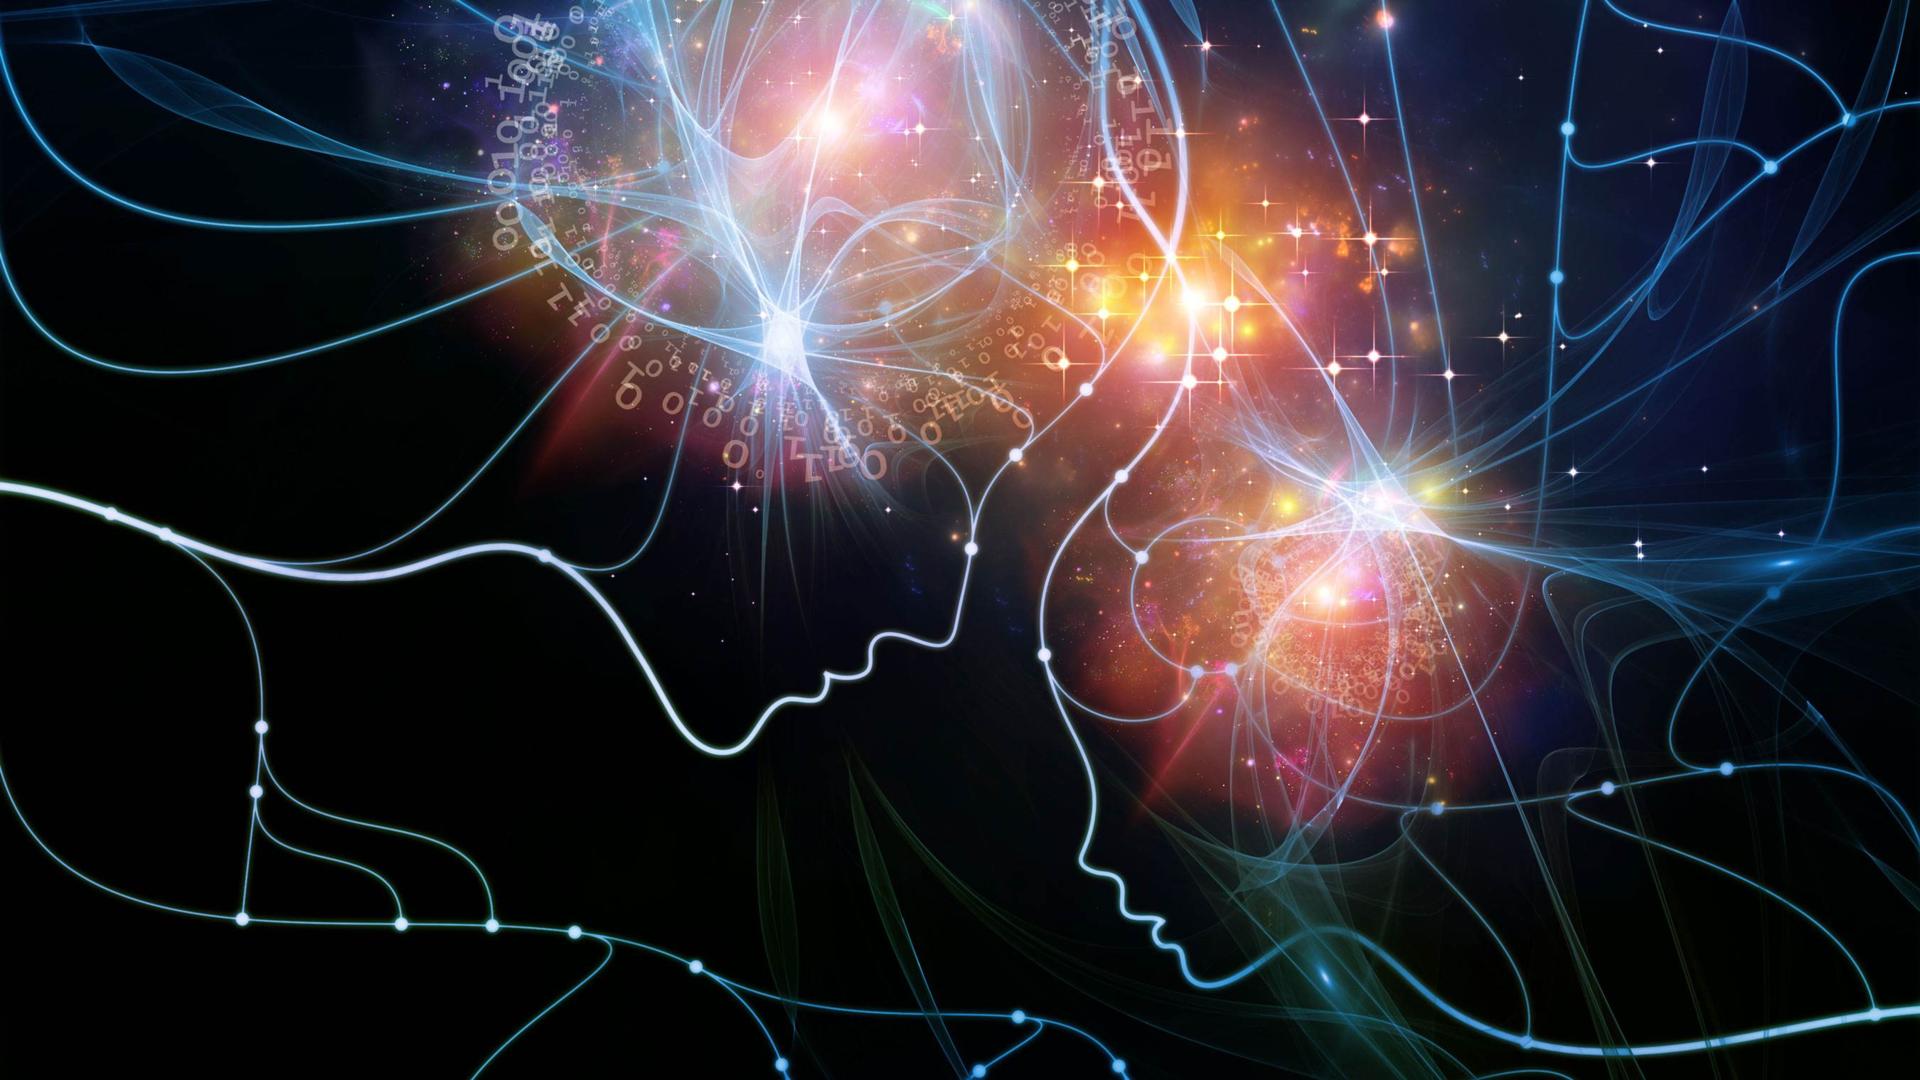 客观看待人工智能,一文带你了解AI将改变世界的5个理由